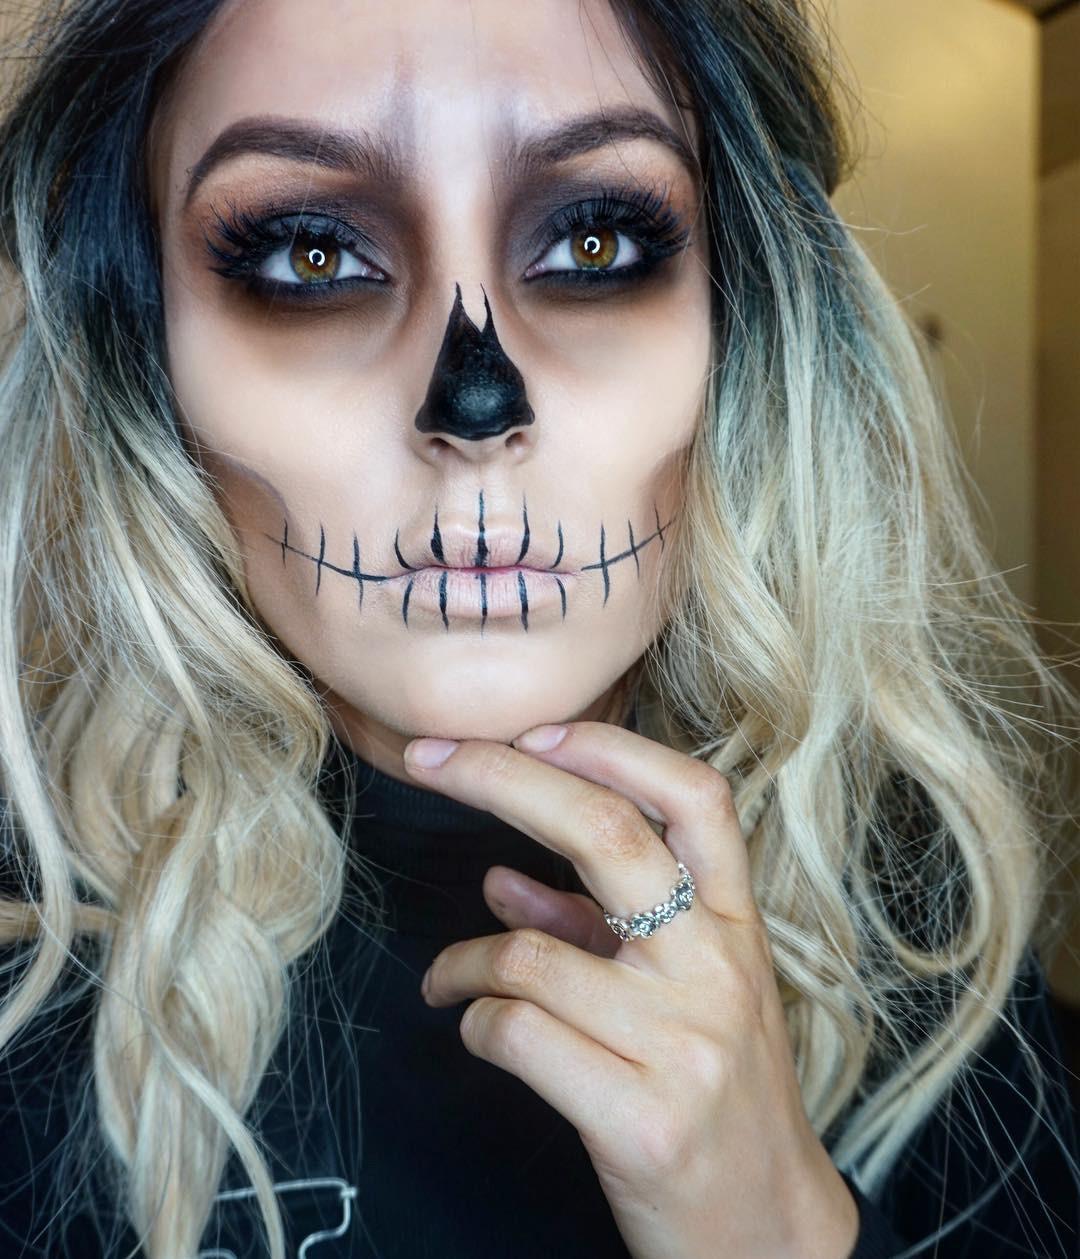 макияж на хэллоуин 2016 идеи для девушек